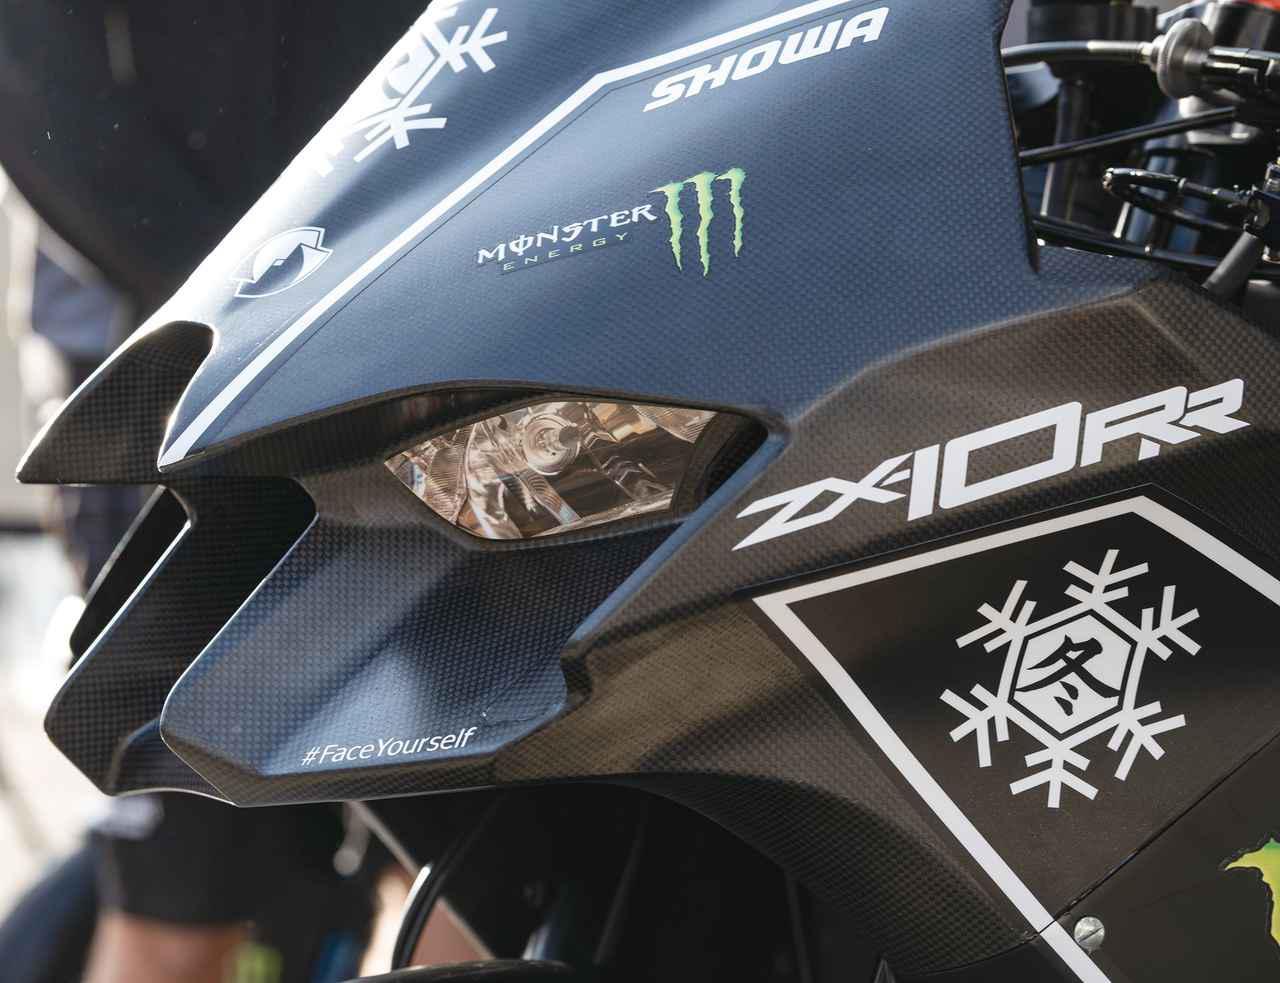 画像3: カワサキ新型「Ninja ZX-10R」を解説! ウイング内蔵のエアロスタイル、スーパーバイク世界選手権の最強王者がモデルチェンジ